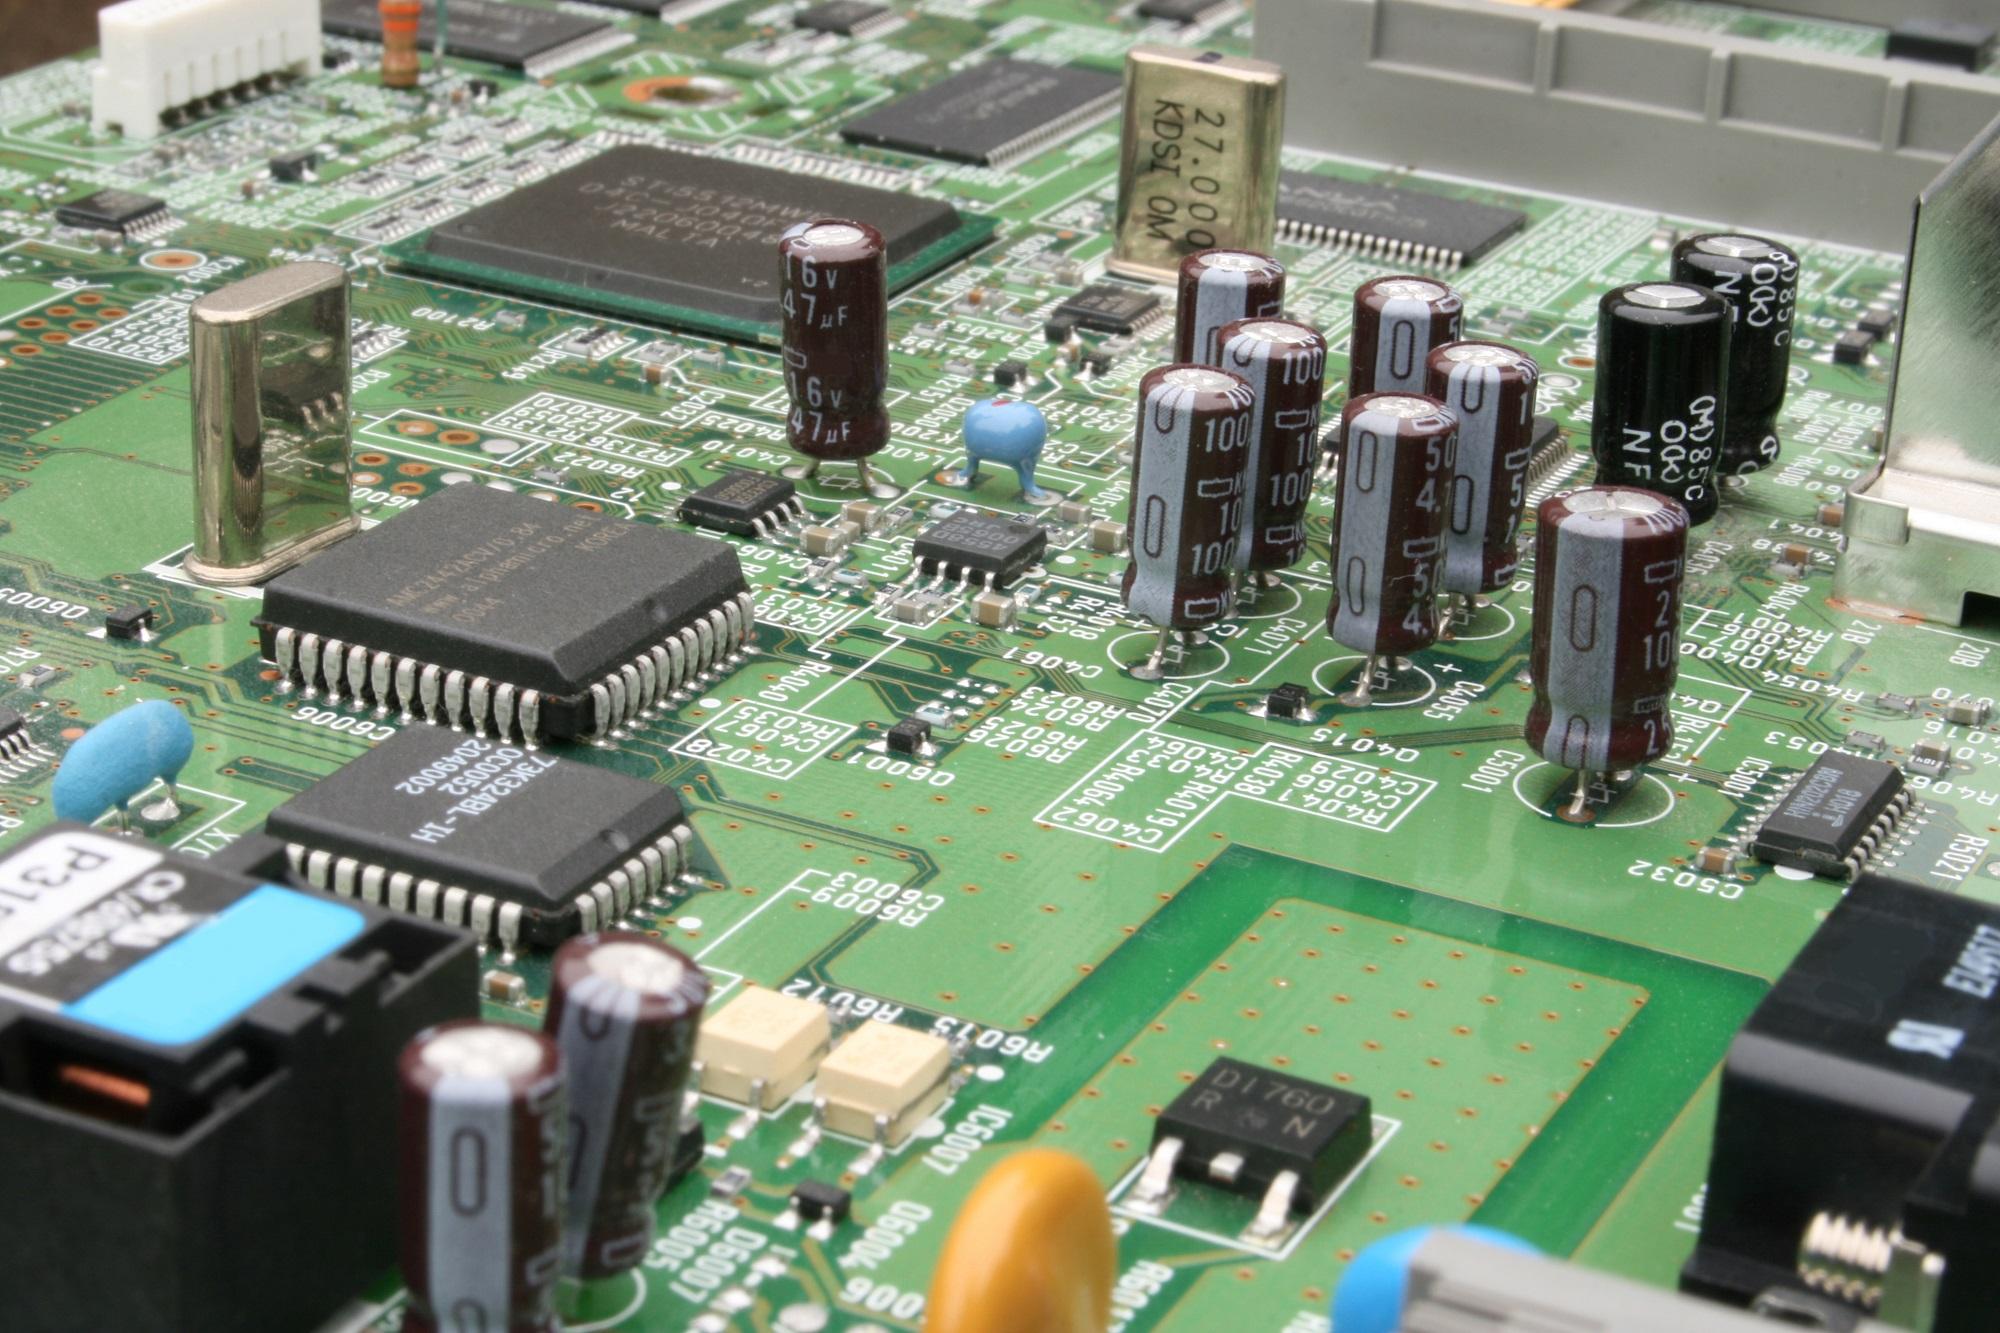 Circuitos electronicos - chips